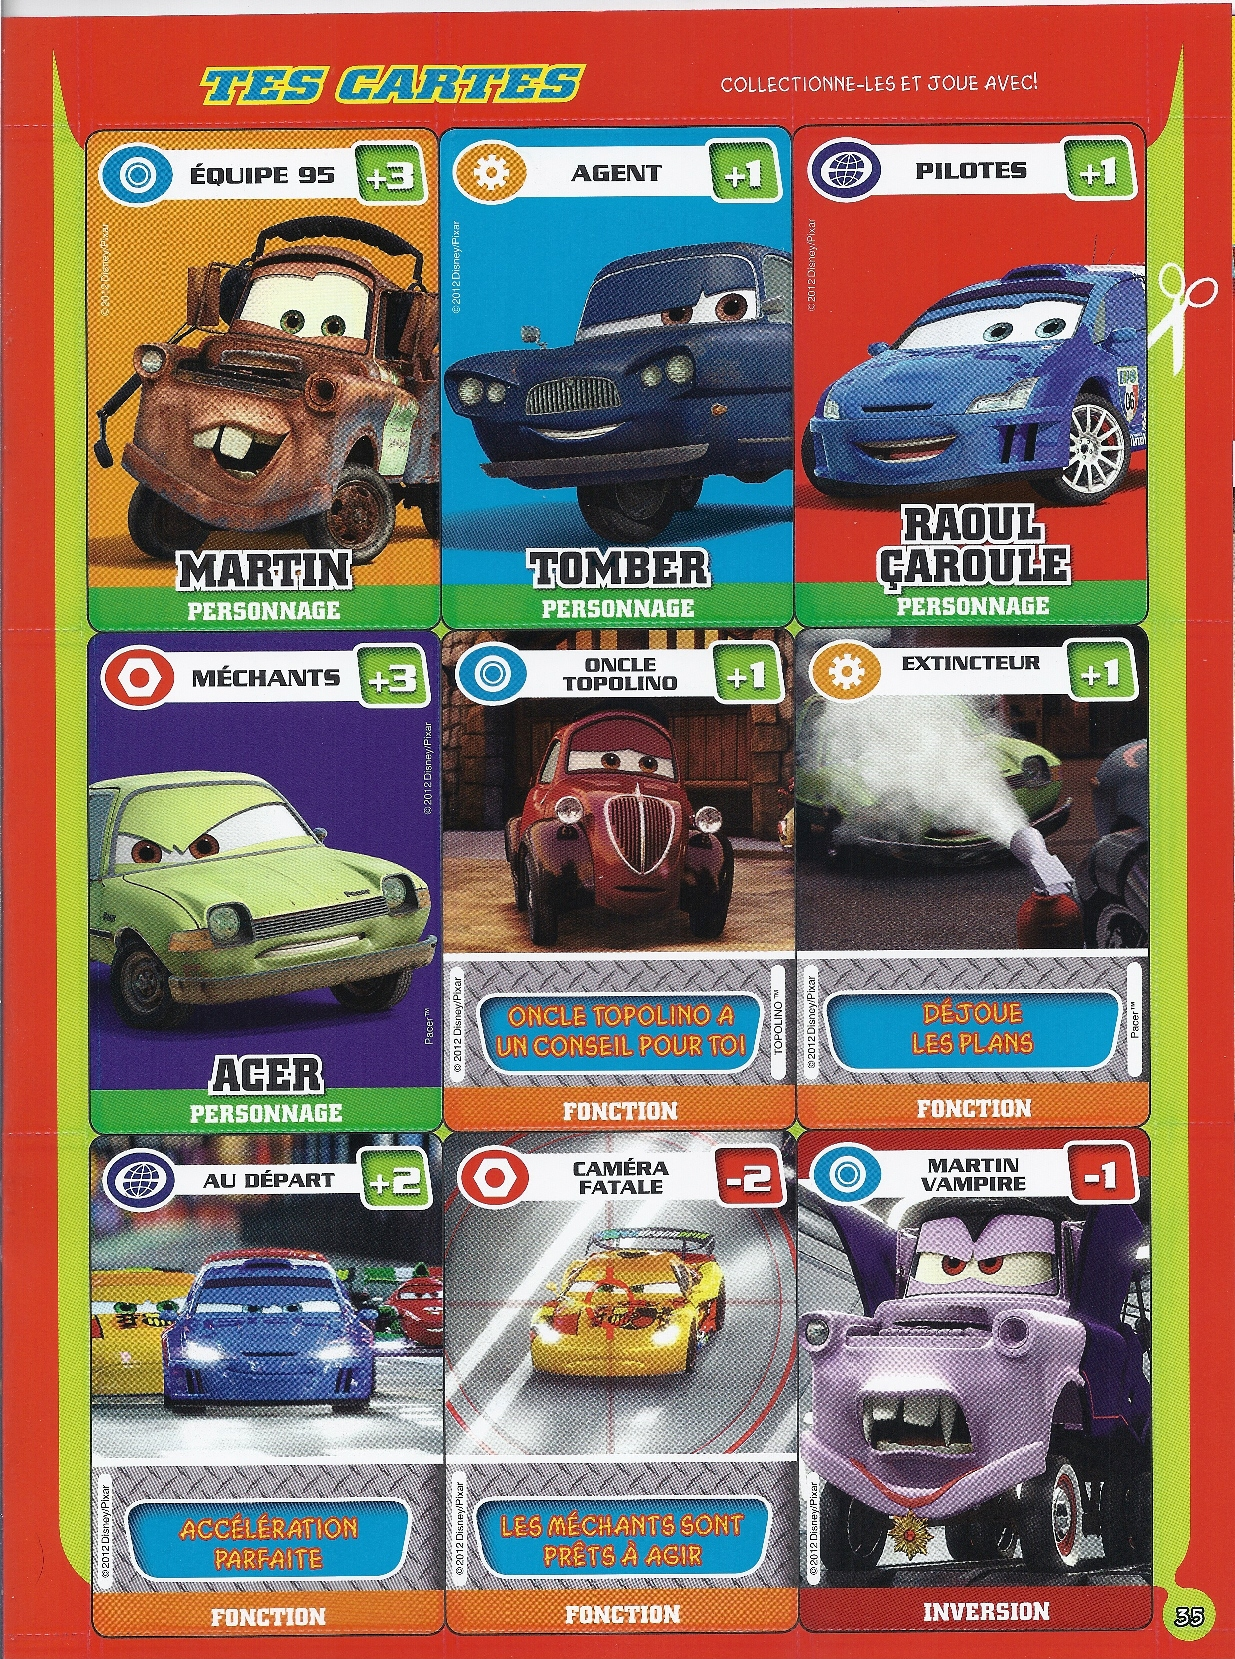 « « Disneycarsmania Disney Disney Cars Disney « Disneycarsmania Disney Disneycarsmania Cars Cars Cars iOPkZXu